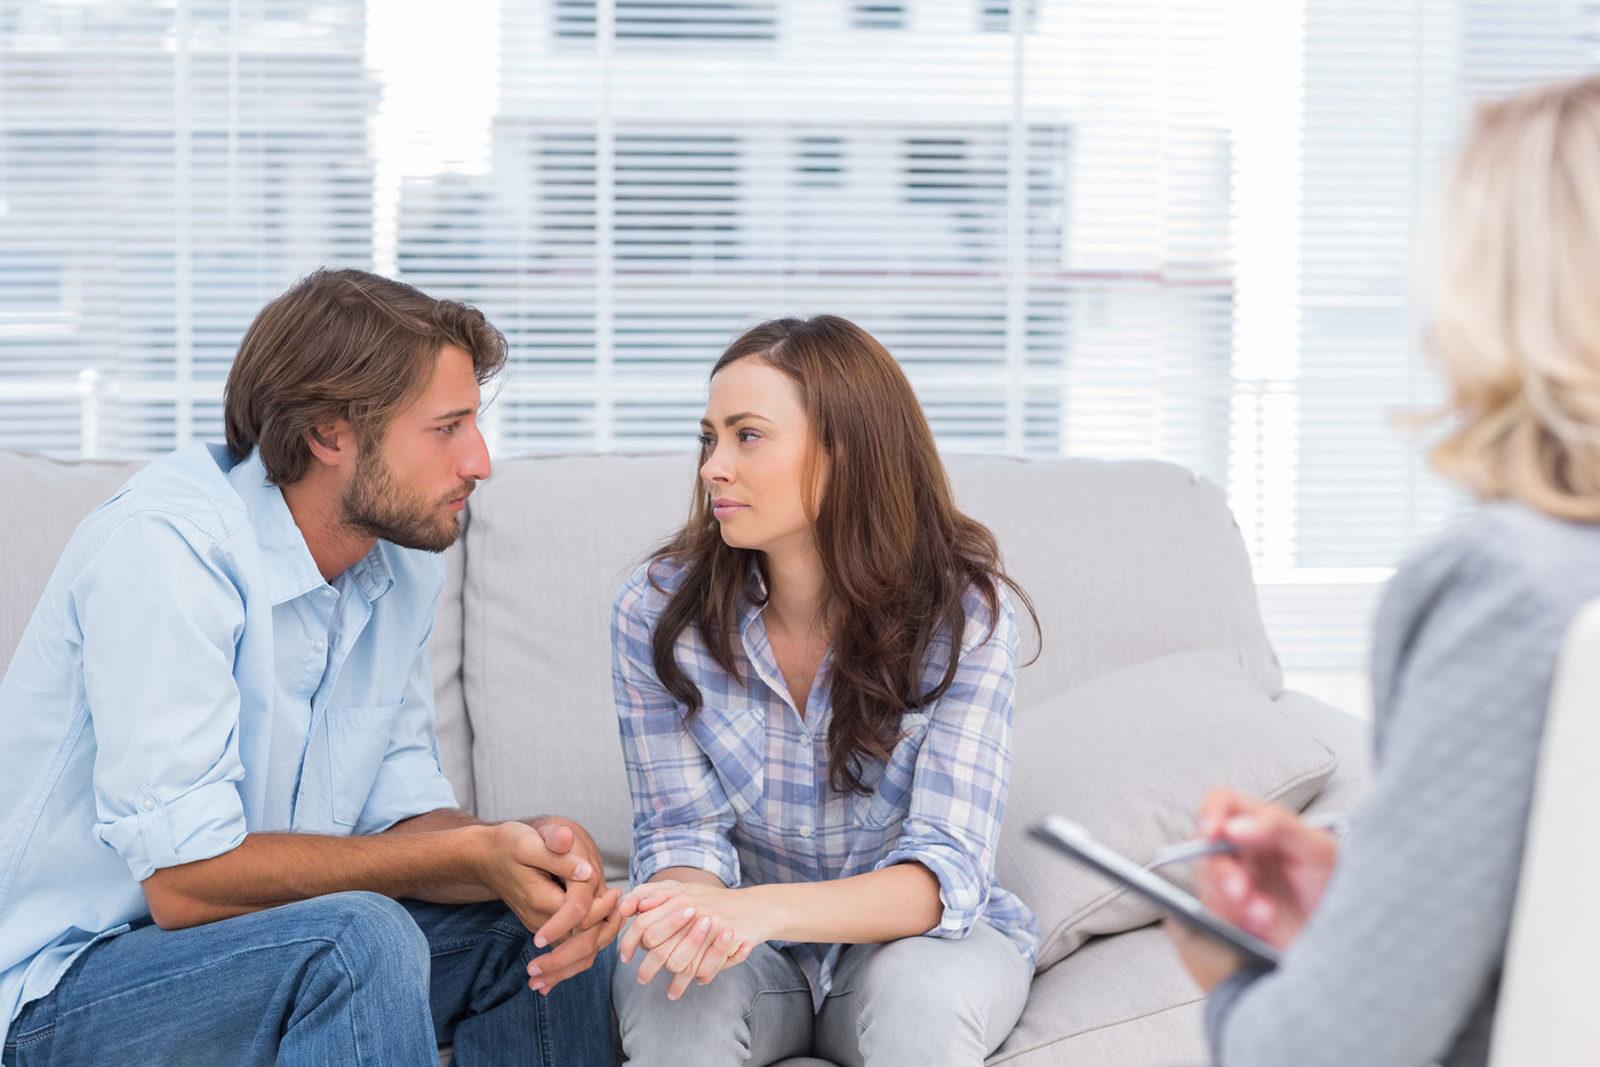 Tanda-Tanda Anda Membutuhkan Layanan Konsultasi Psikologi dan Konseling